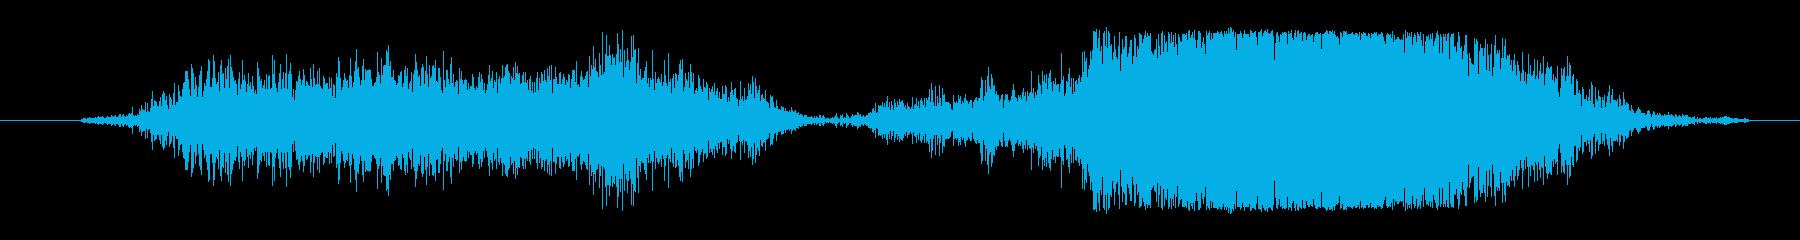 ボウッボボボボゥ(炎が舞い上がる音)の再生済みの波形